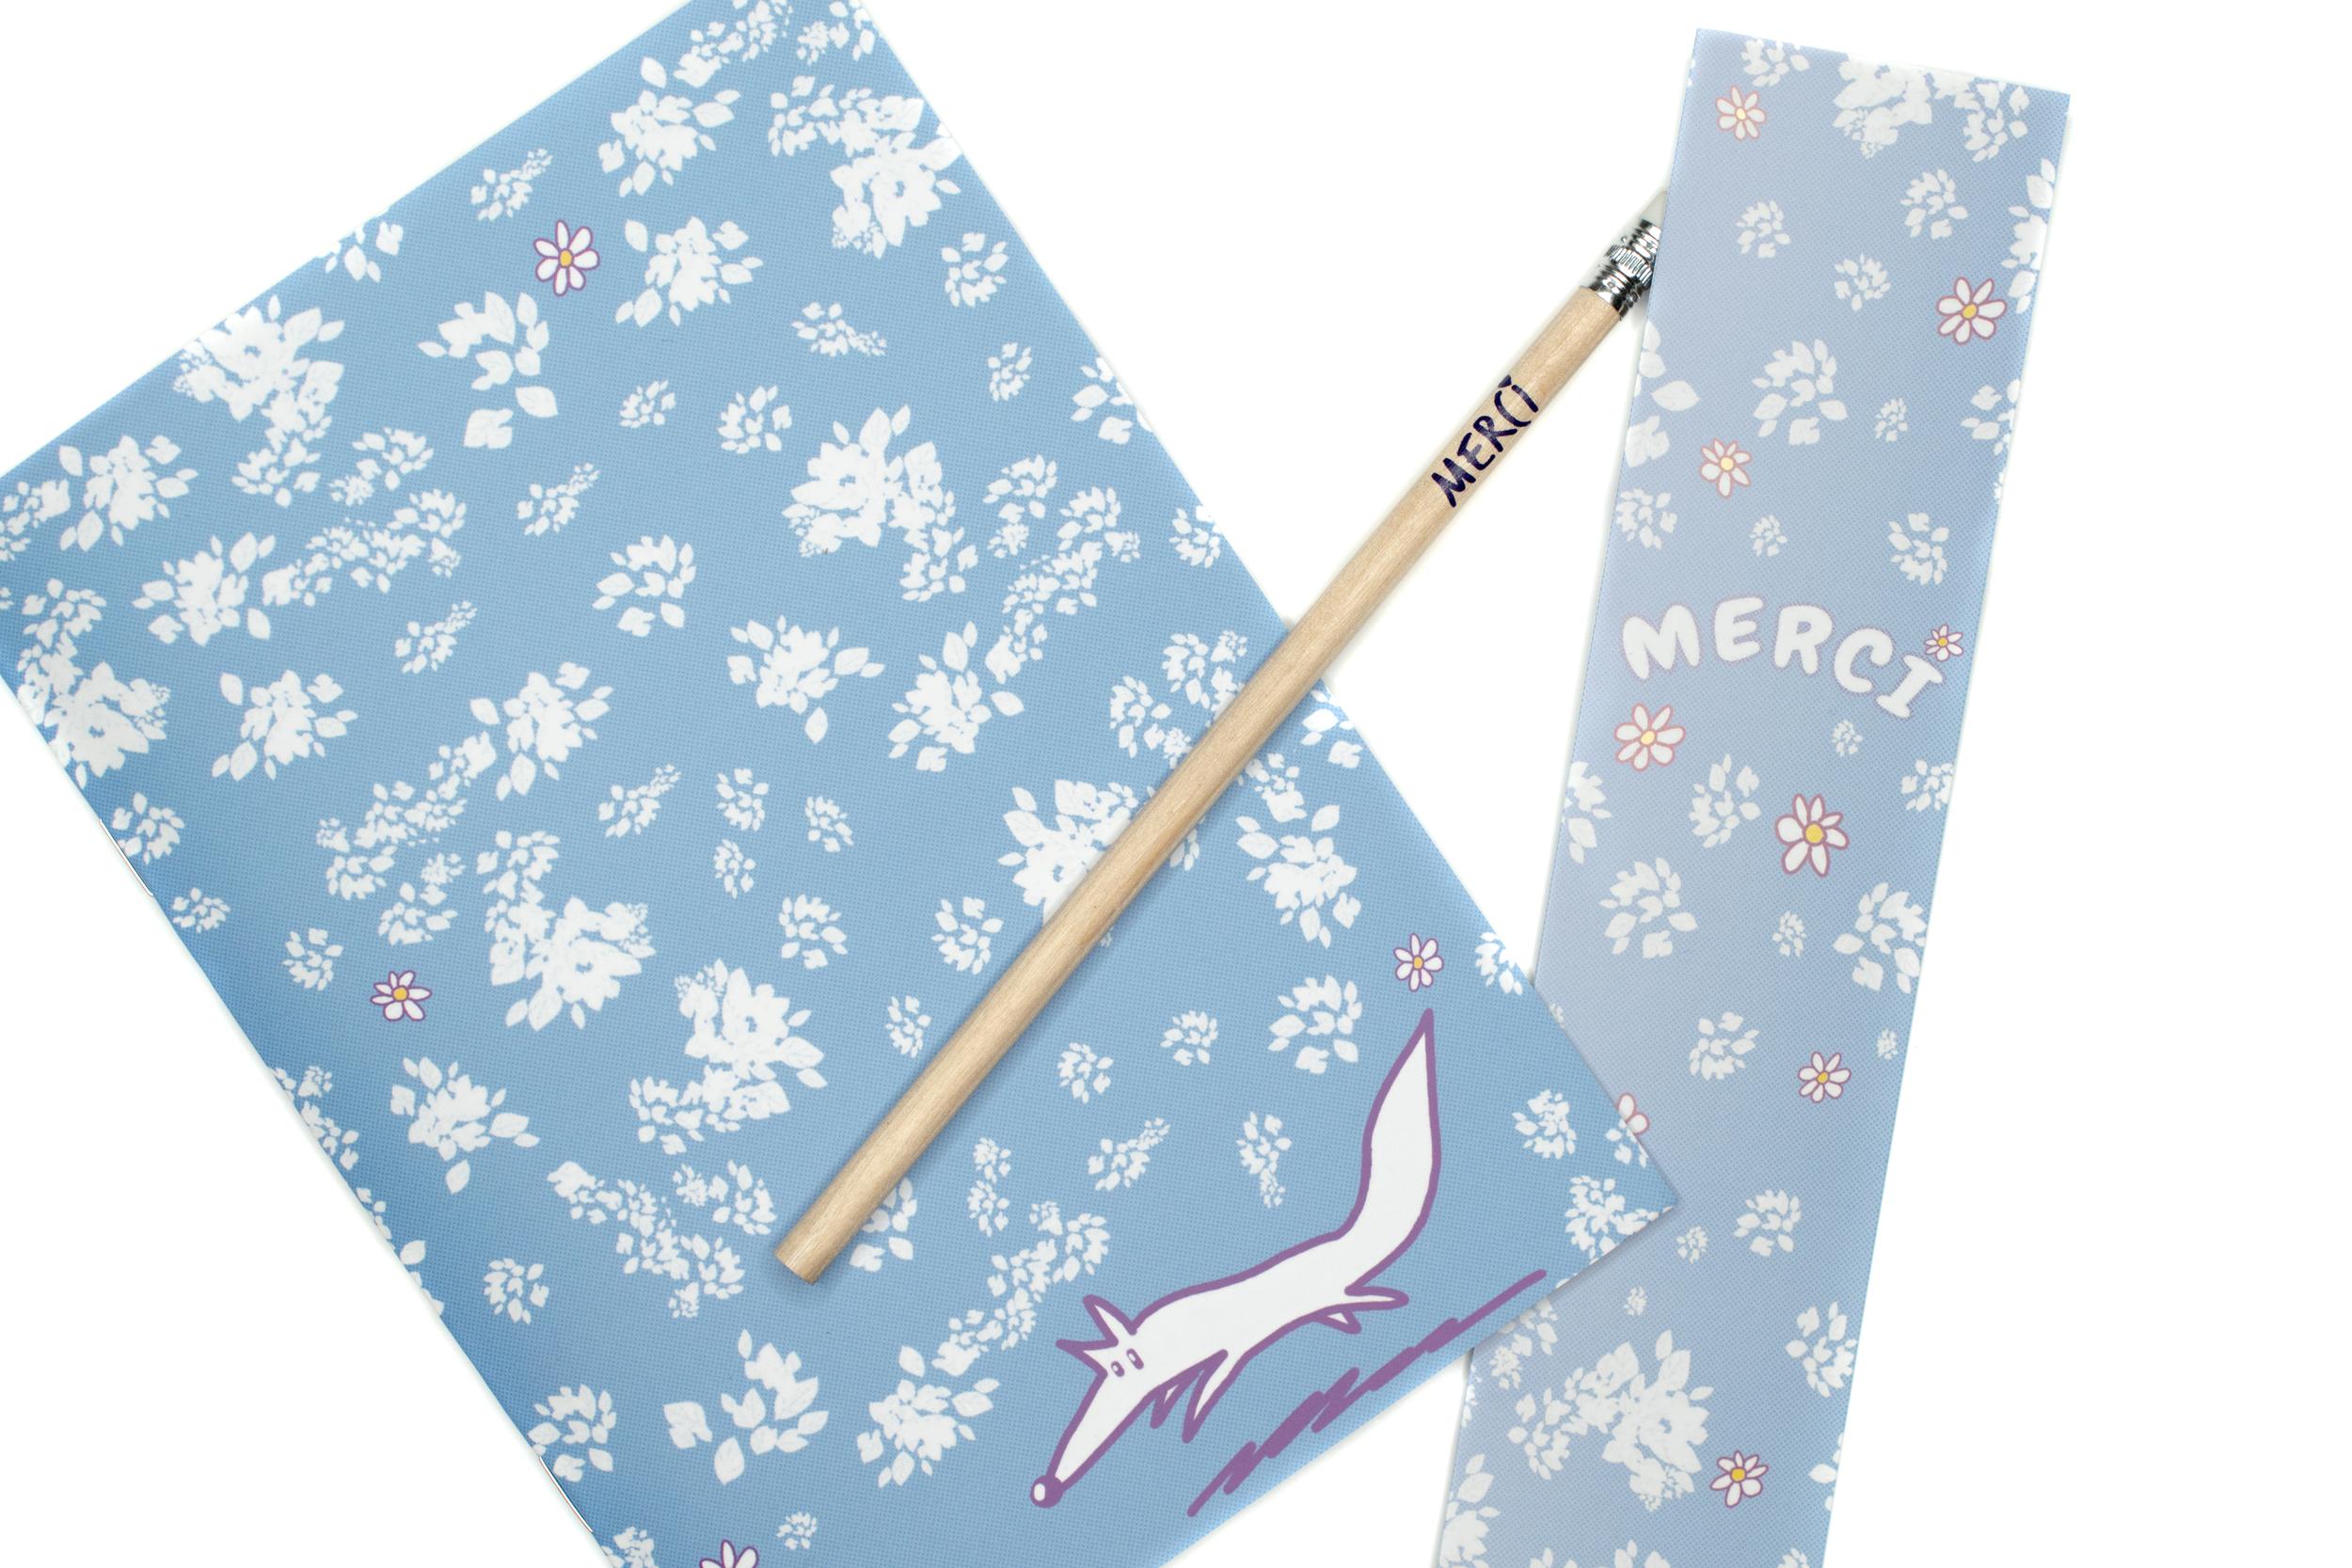 Kit Merci Fleurs | cahier, crayon et marque-page